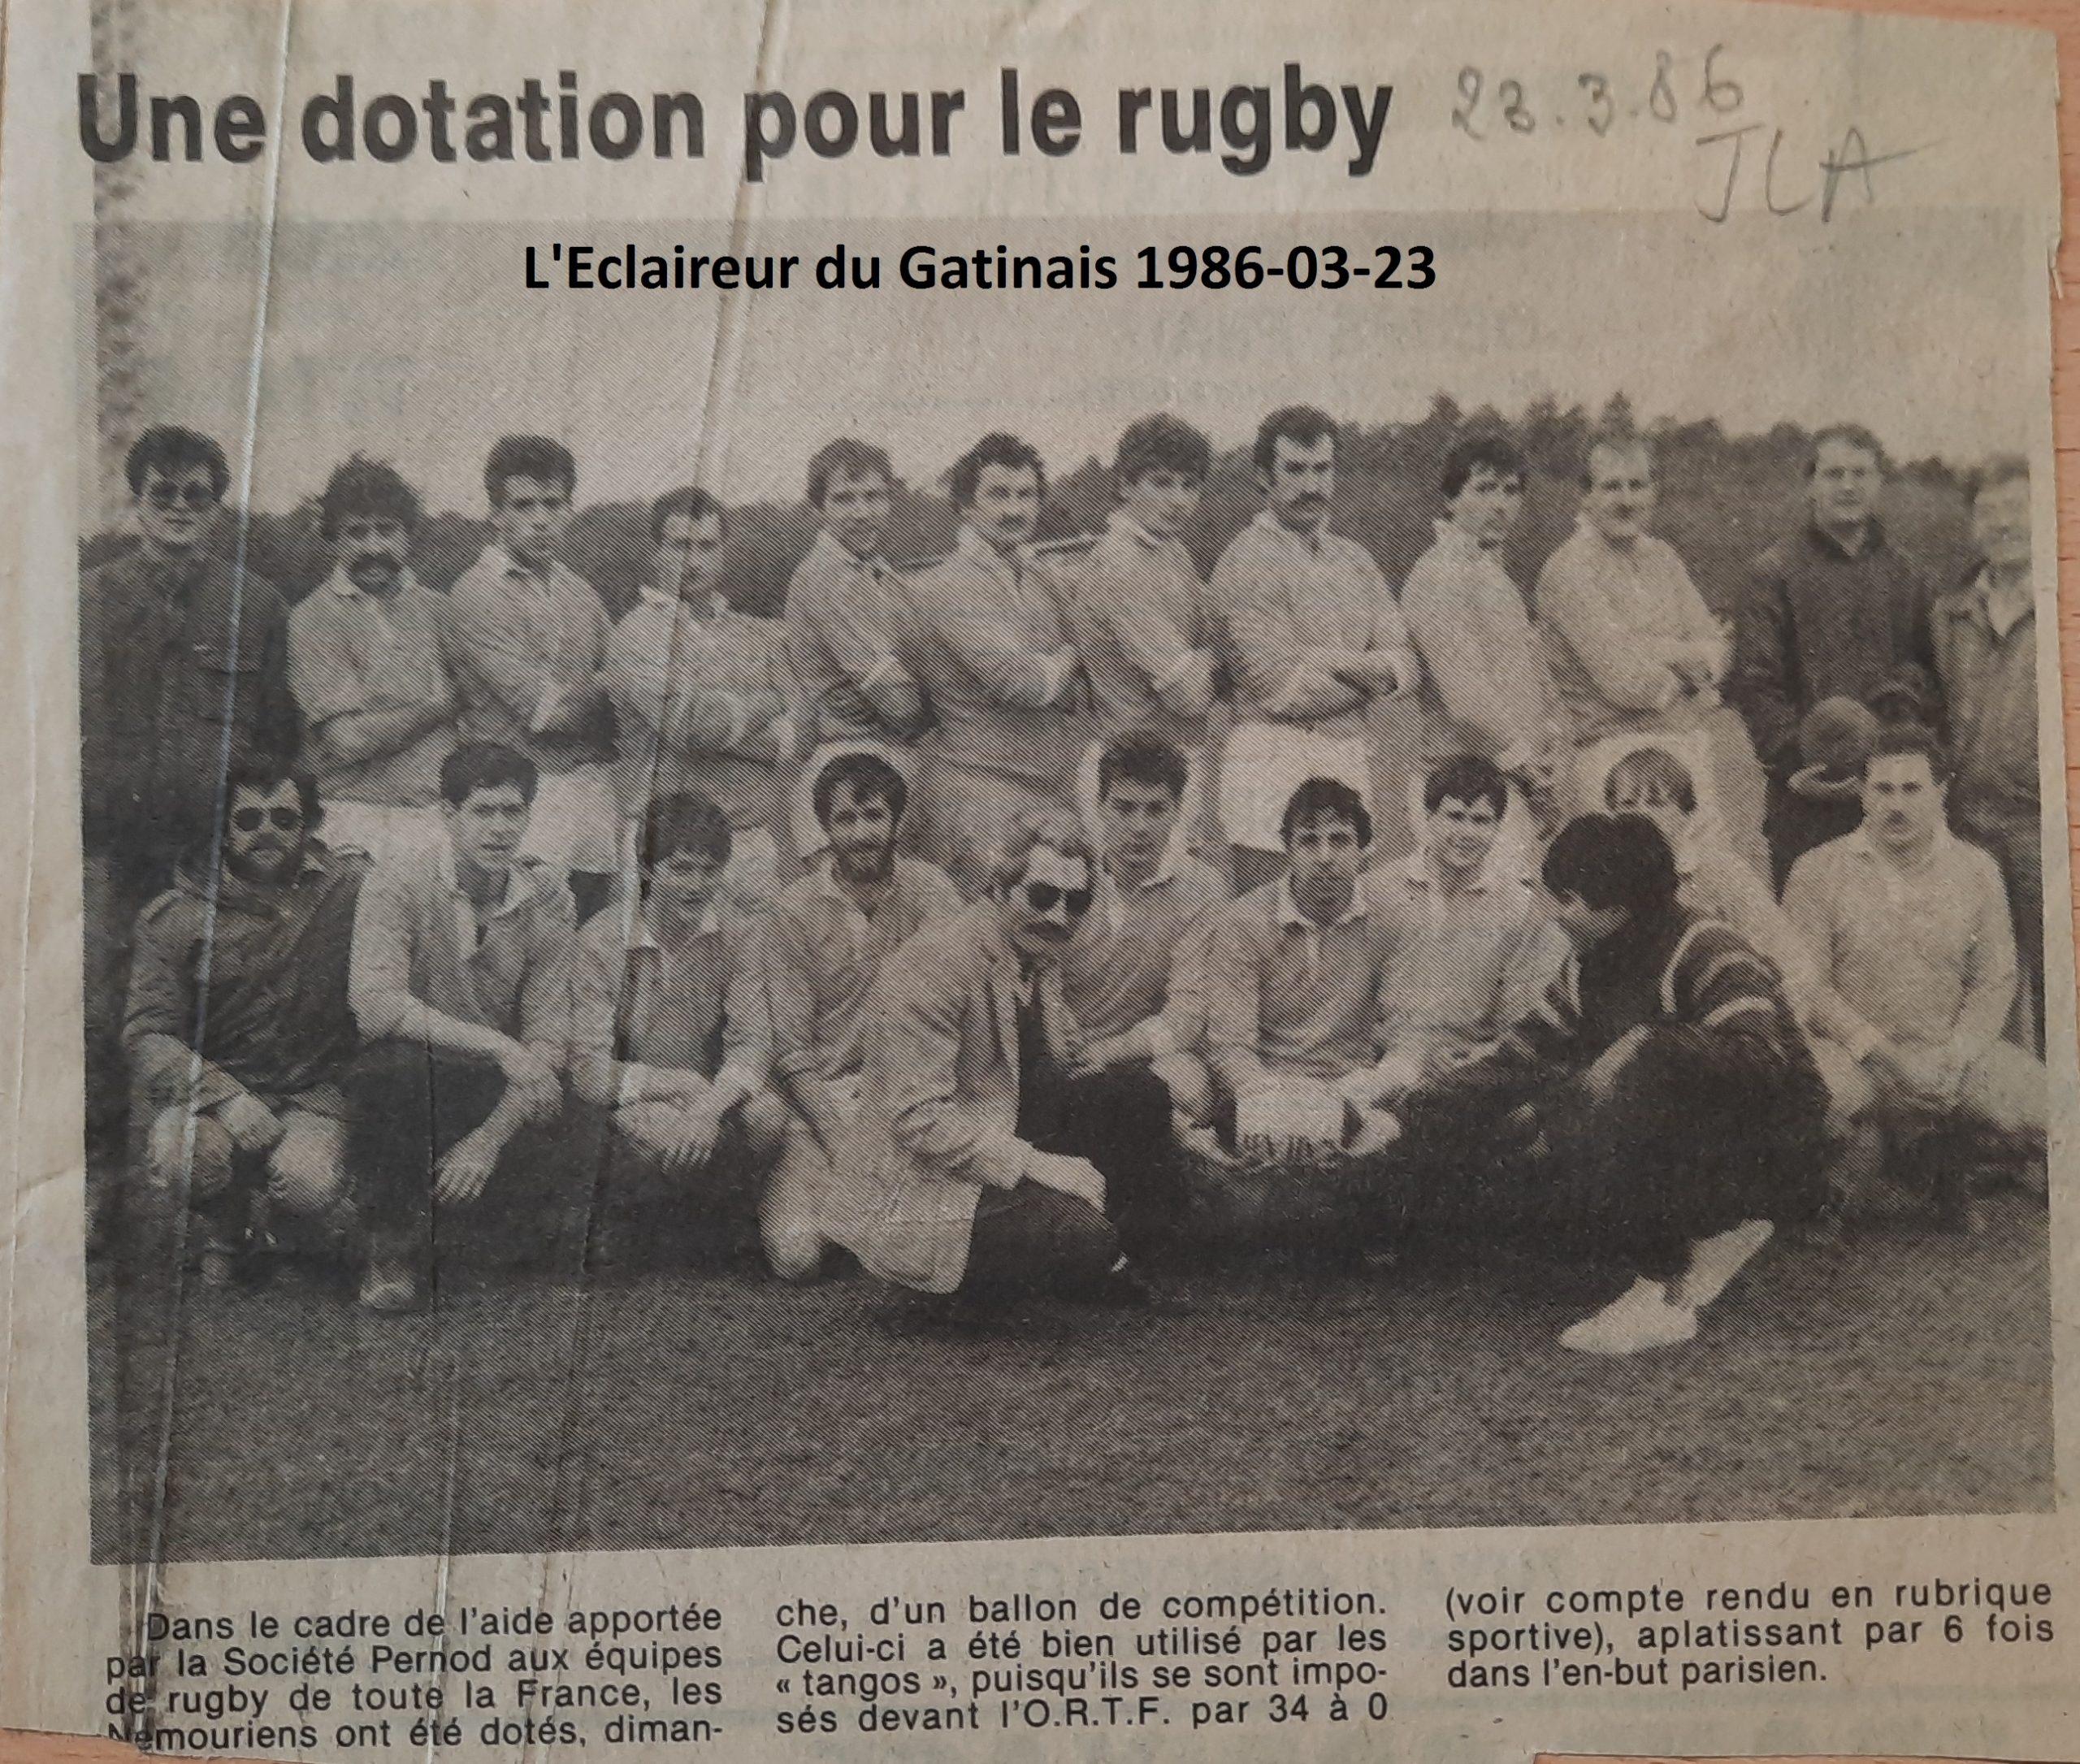 Eclaireur du Gâtinais 1986-03-23